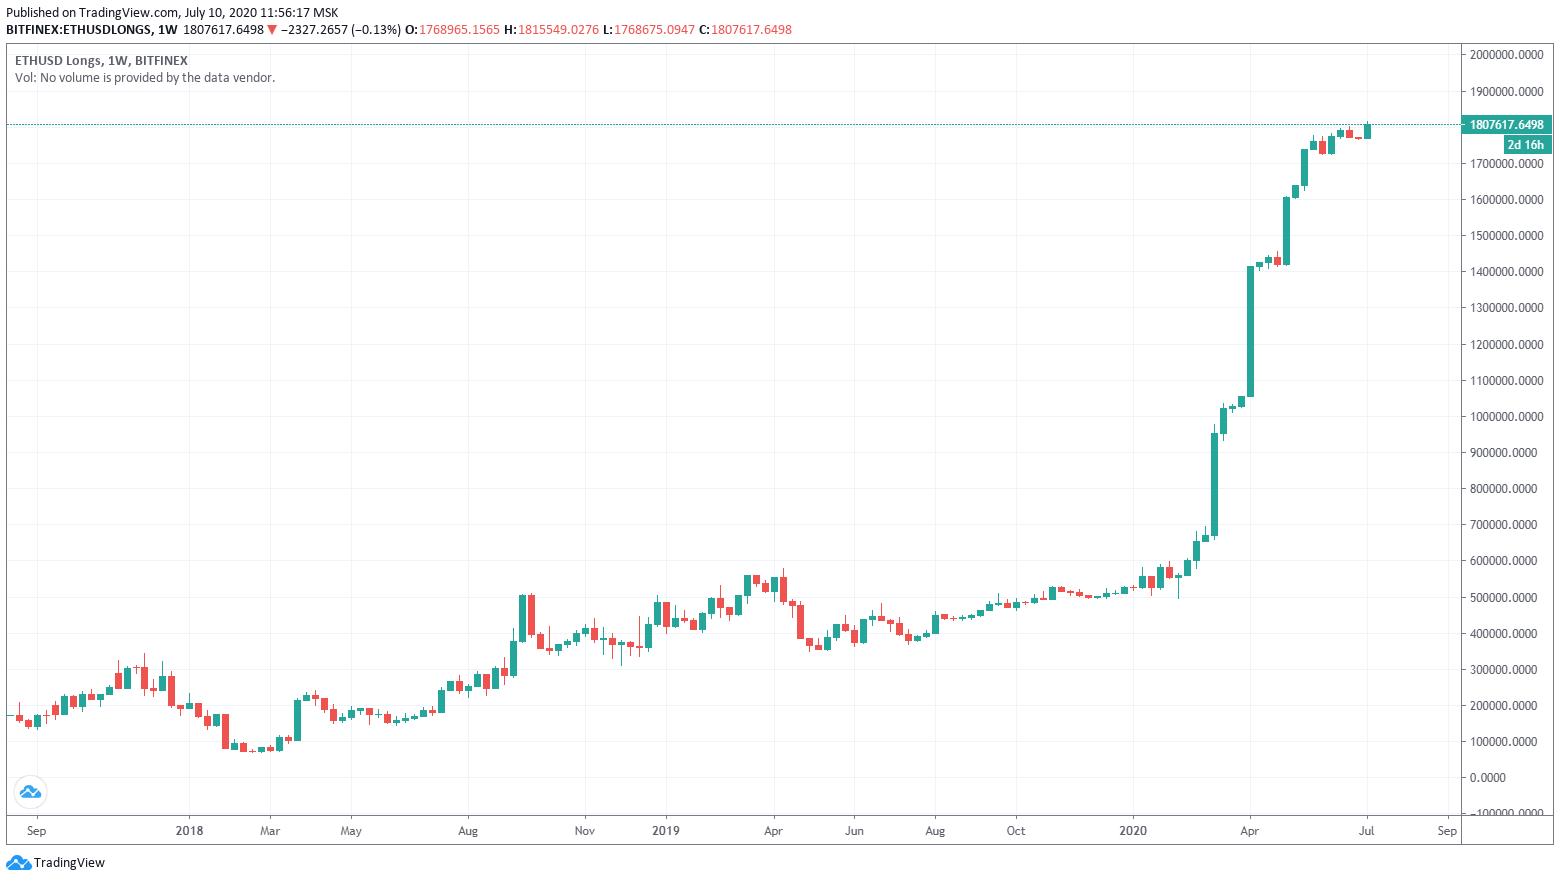 На бирже Bitfinex наблюдается рекордные увеличения объемов длинных позиций на пару эфира и доллара